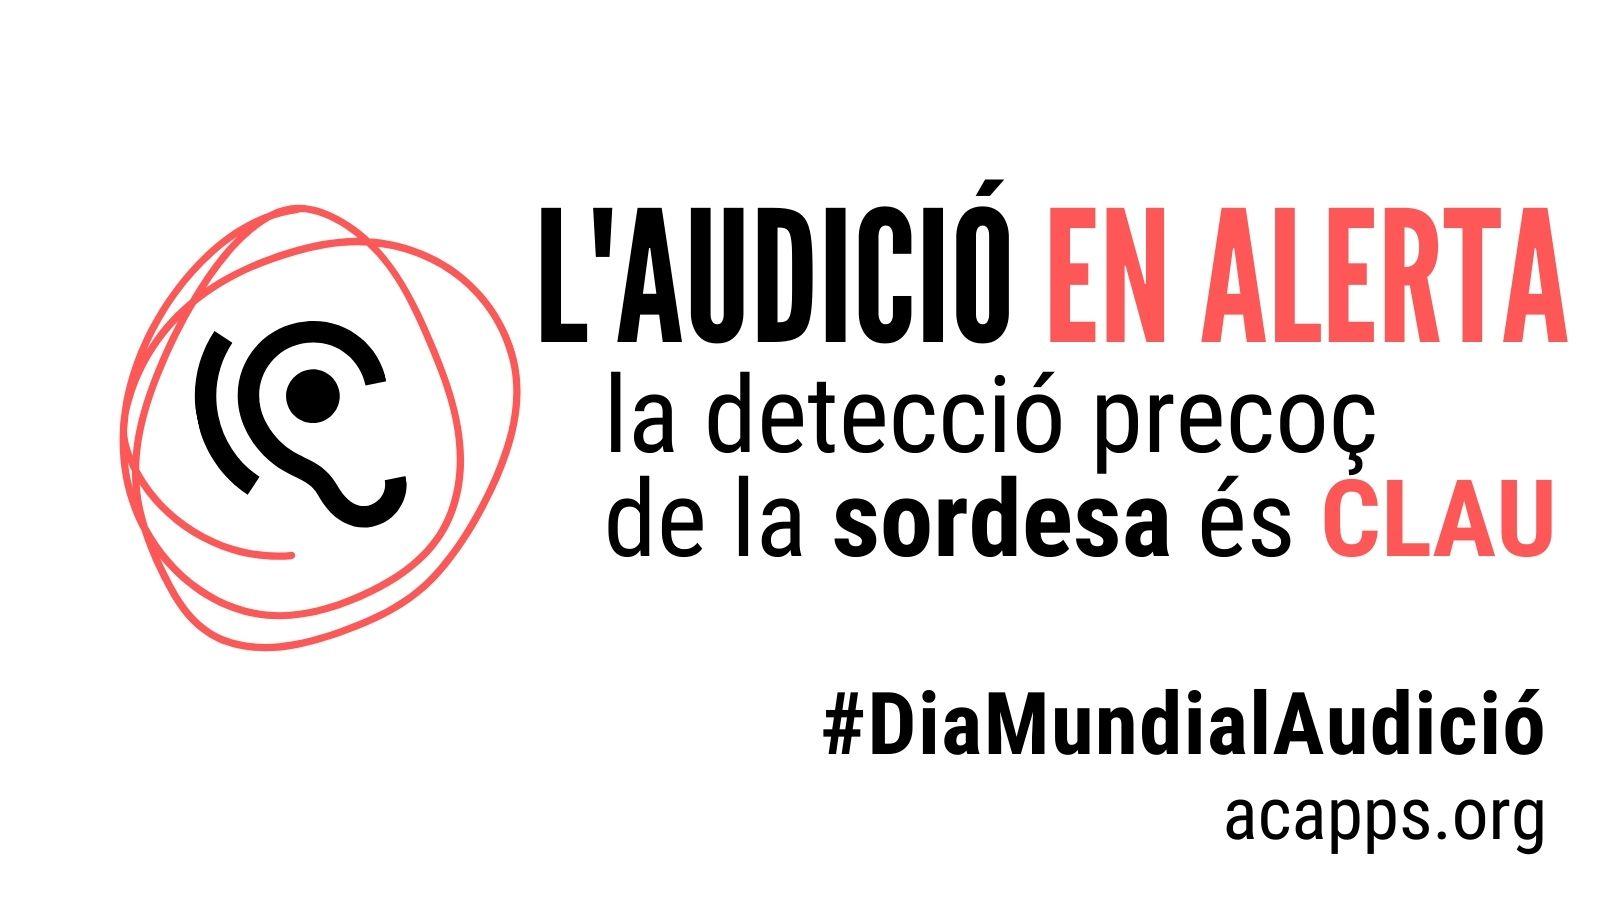 Dia Mundial de l'Audició: reivindiquem la detecció precoç de la sordesa a qualsevol edat